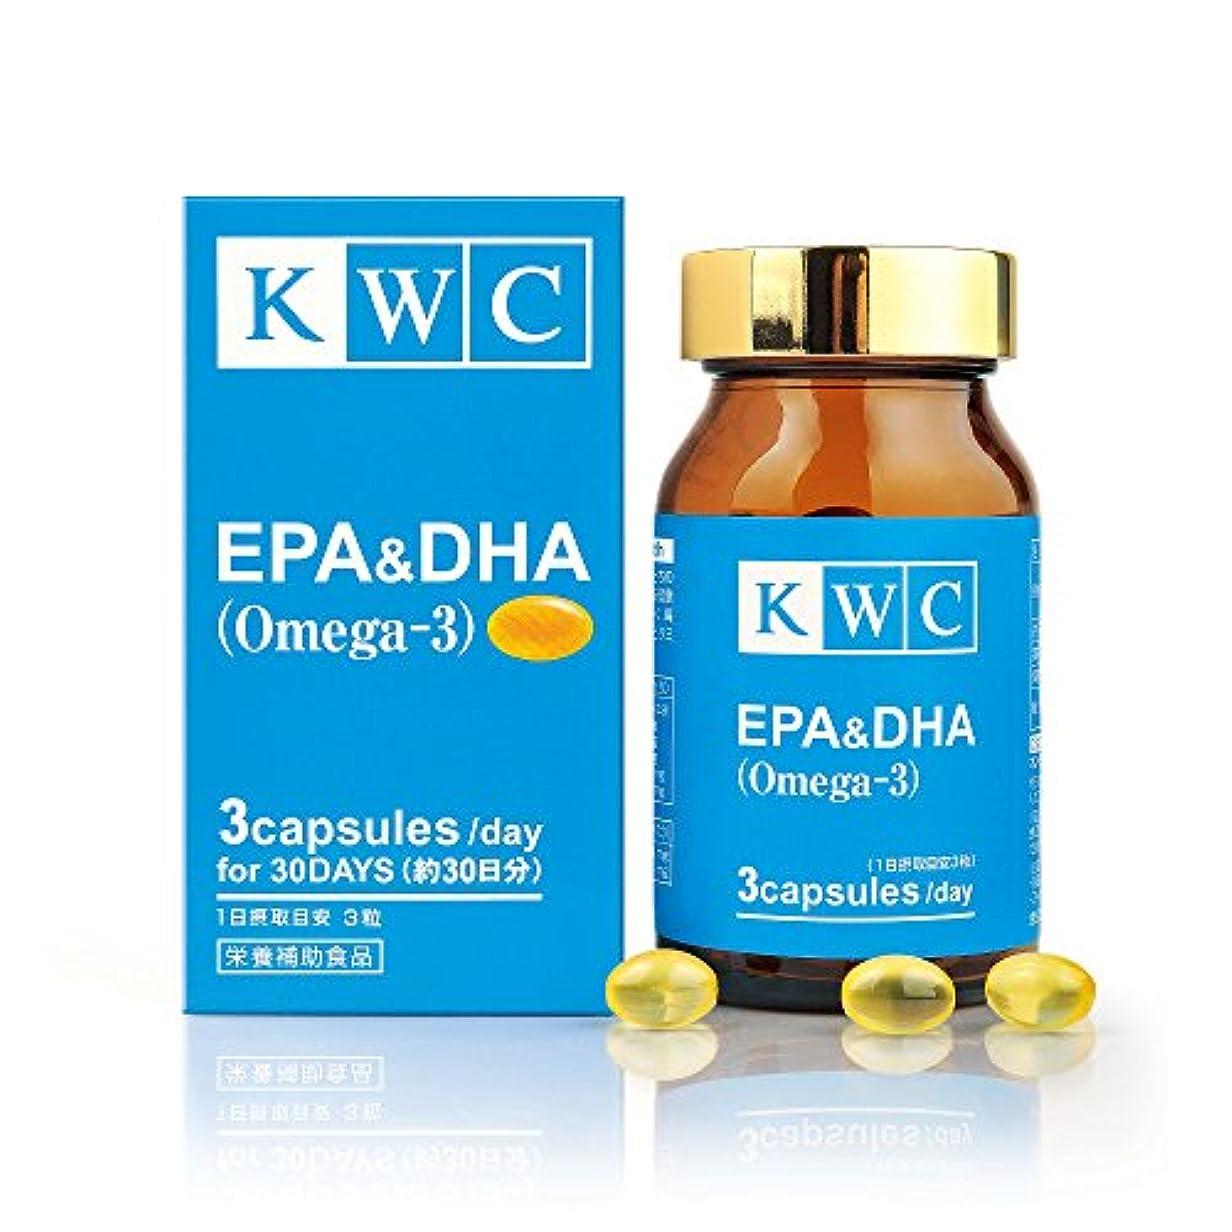 トークンビン後世KWC EPA&DHA サプリメント 約30日分 90粒